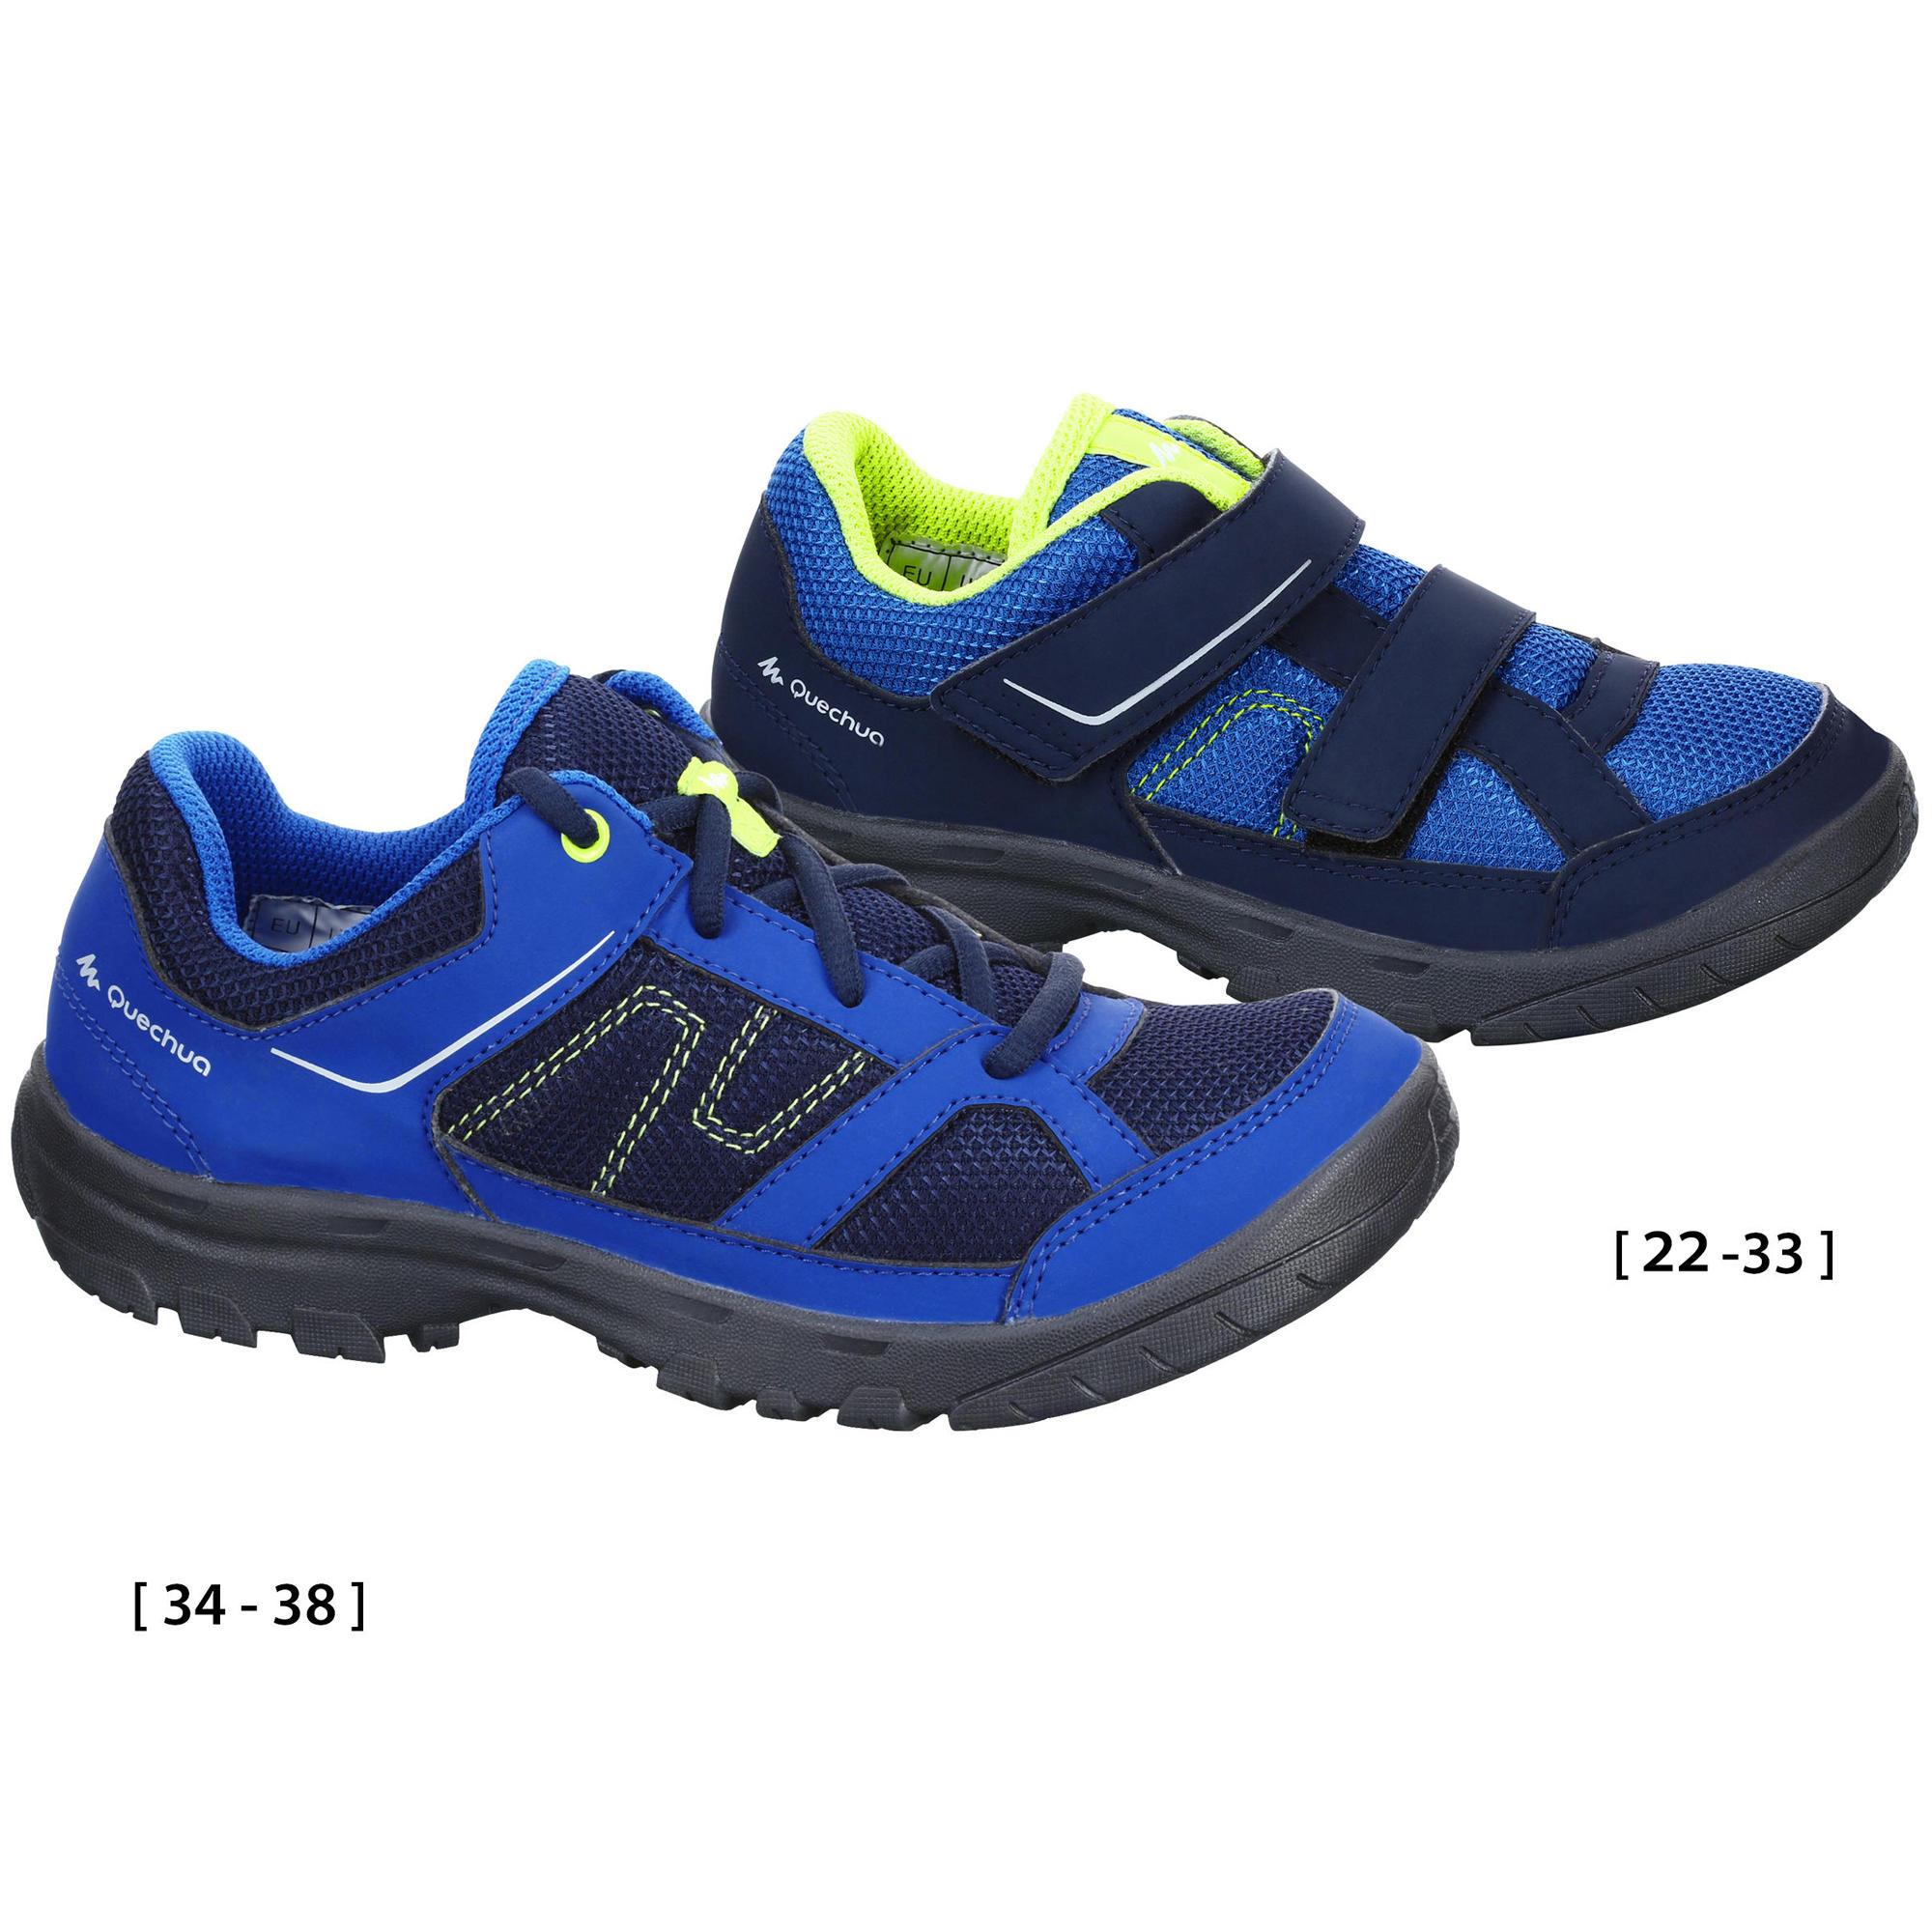 30cb89a946 Comprar Zapatillas Deportivas para Niños Online | Decathlon